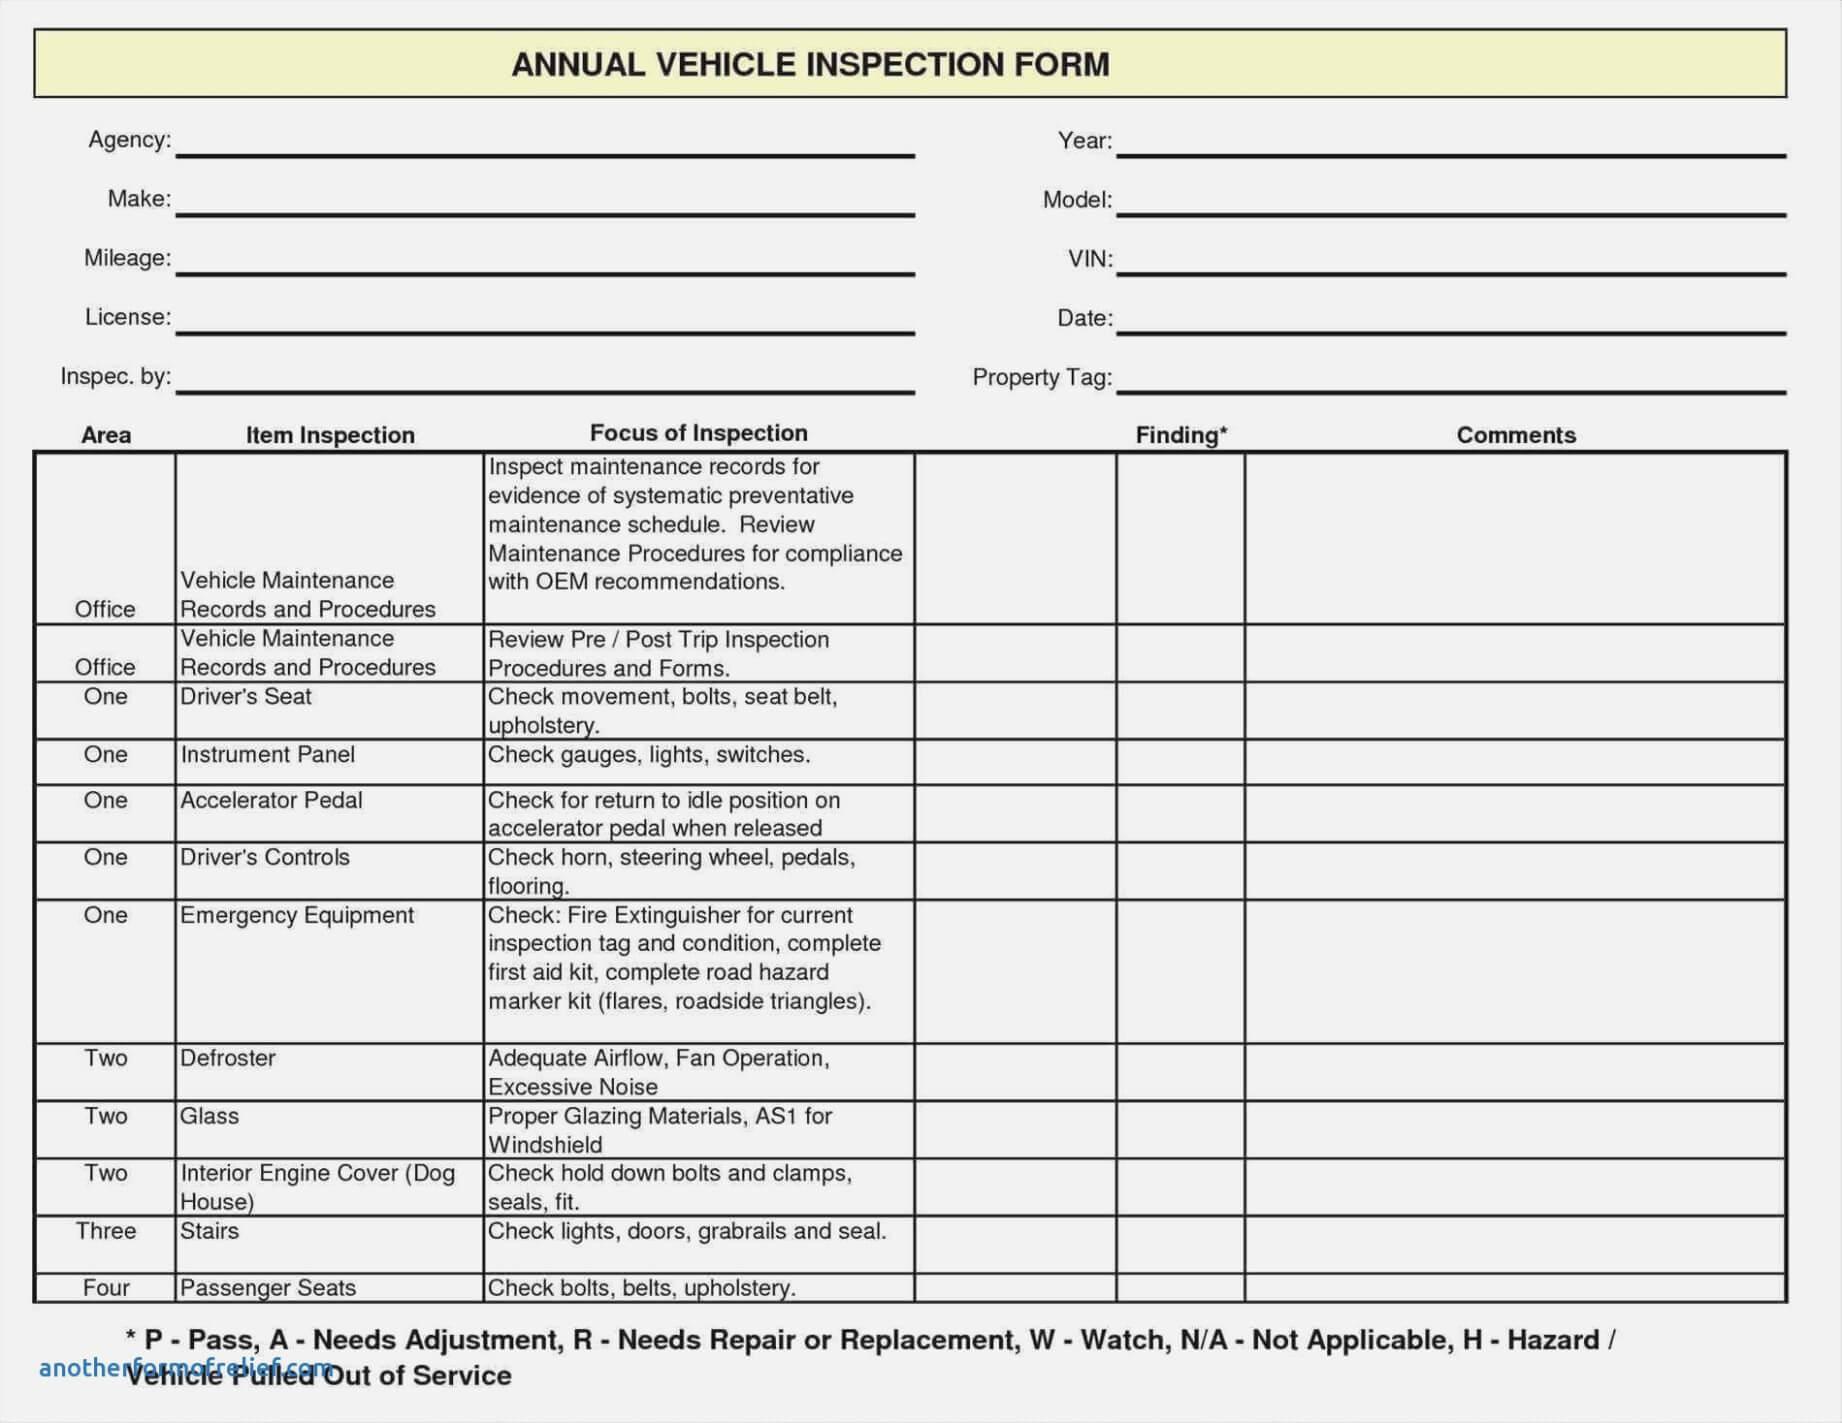 Air Balance Report Template Best Air Balance Report Template For Air Balance Report Template